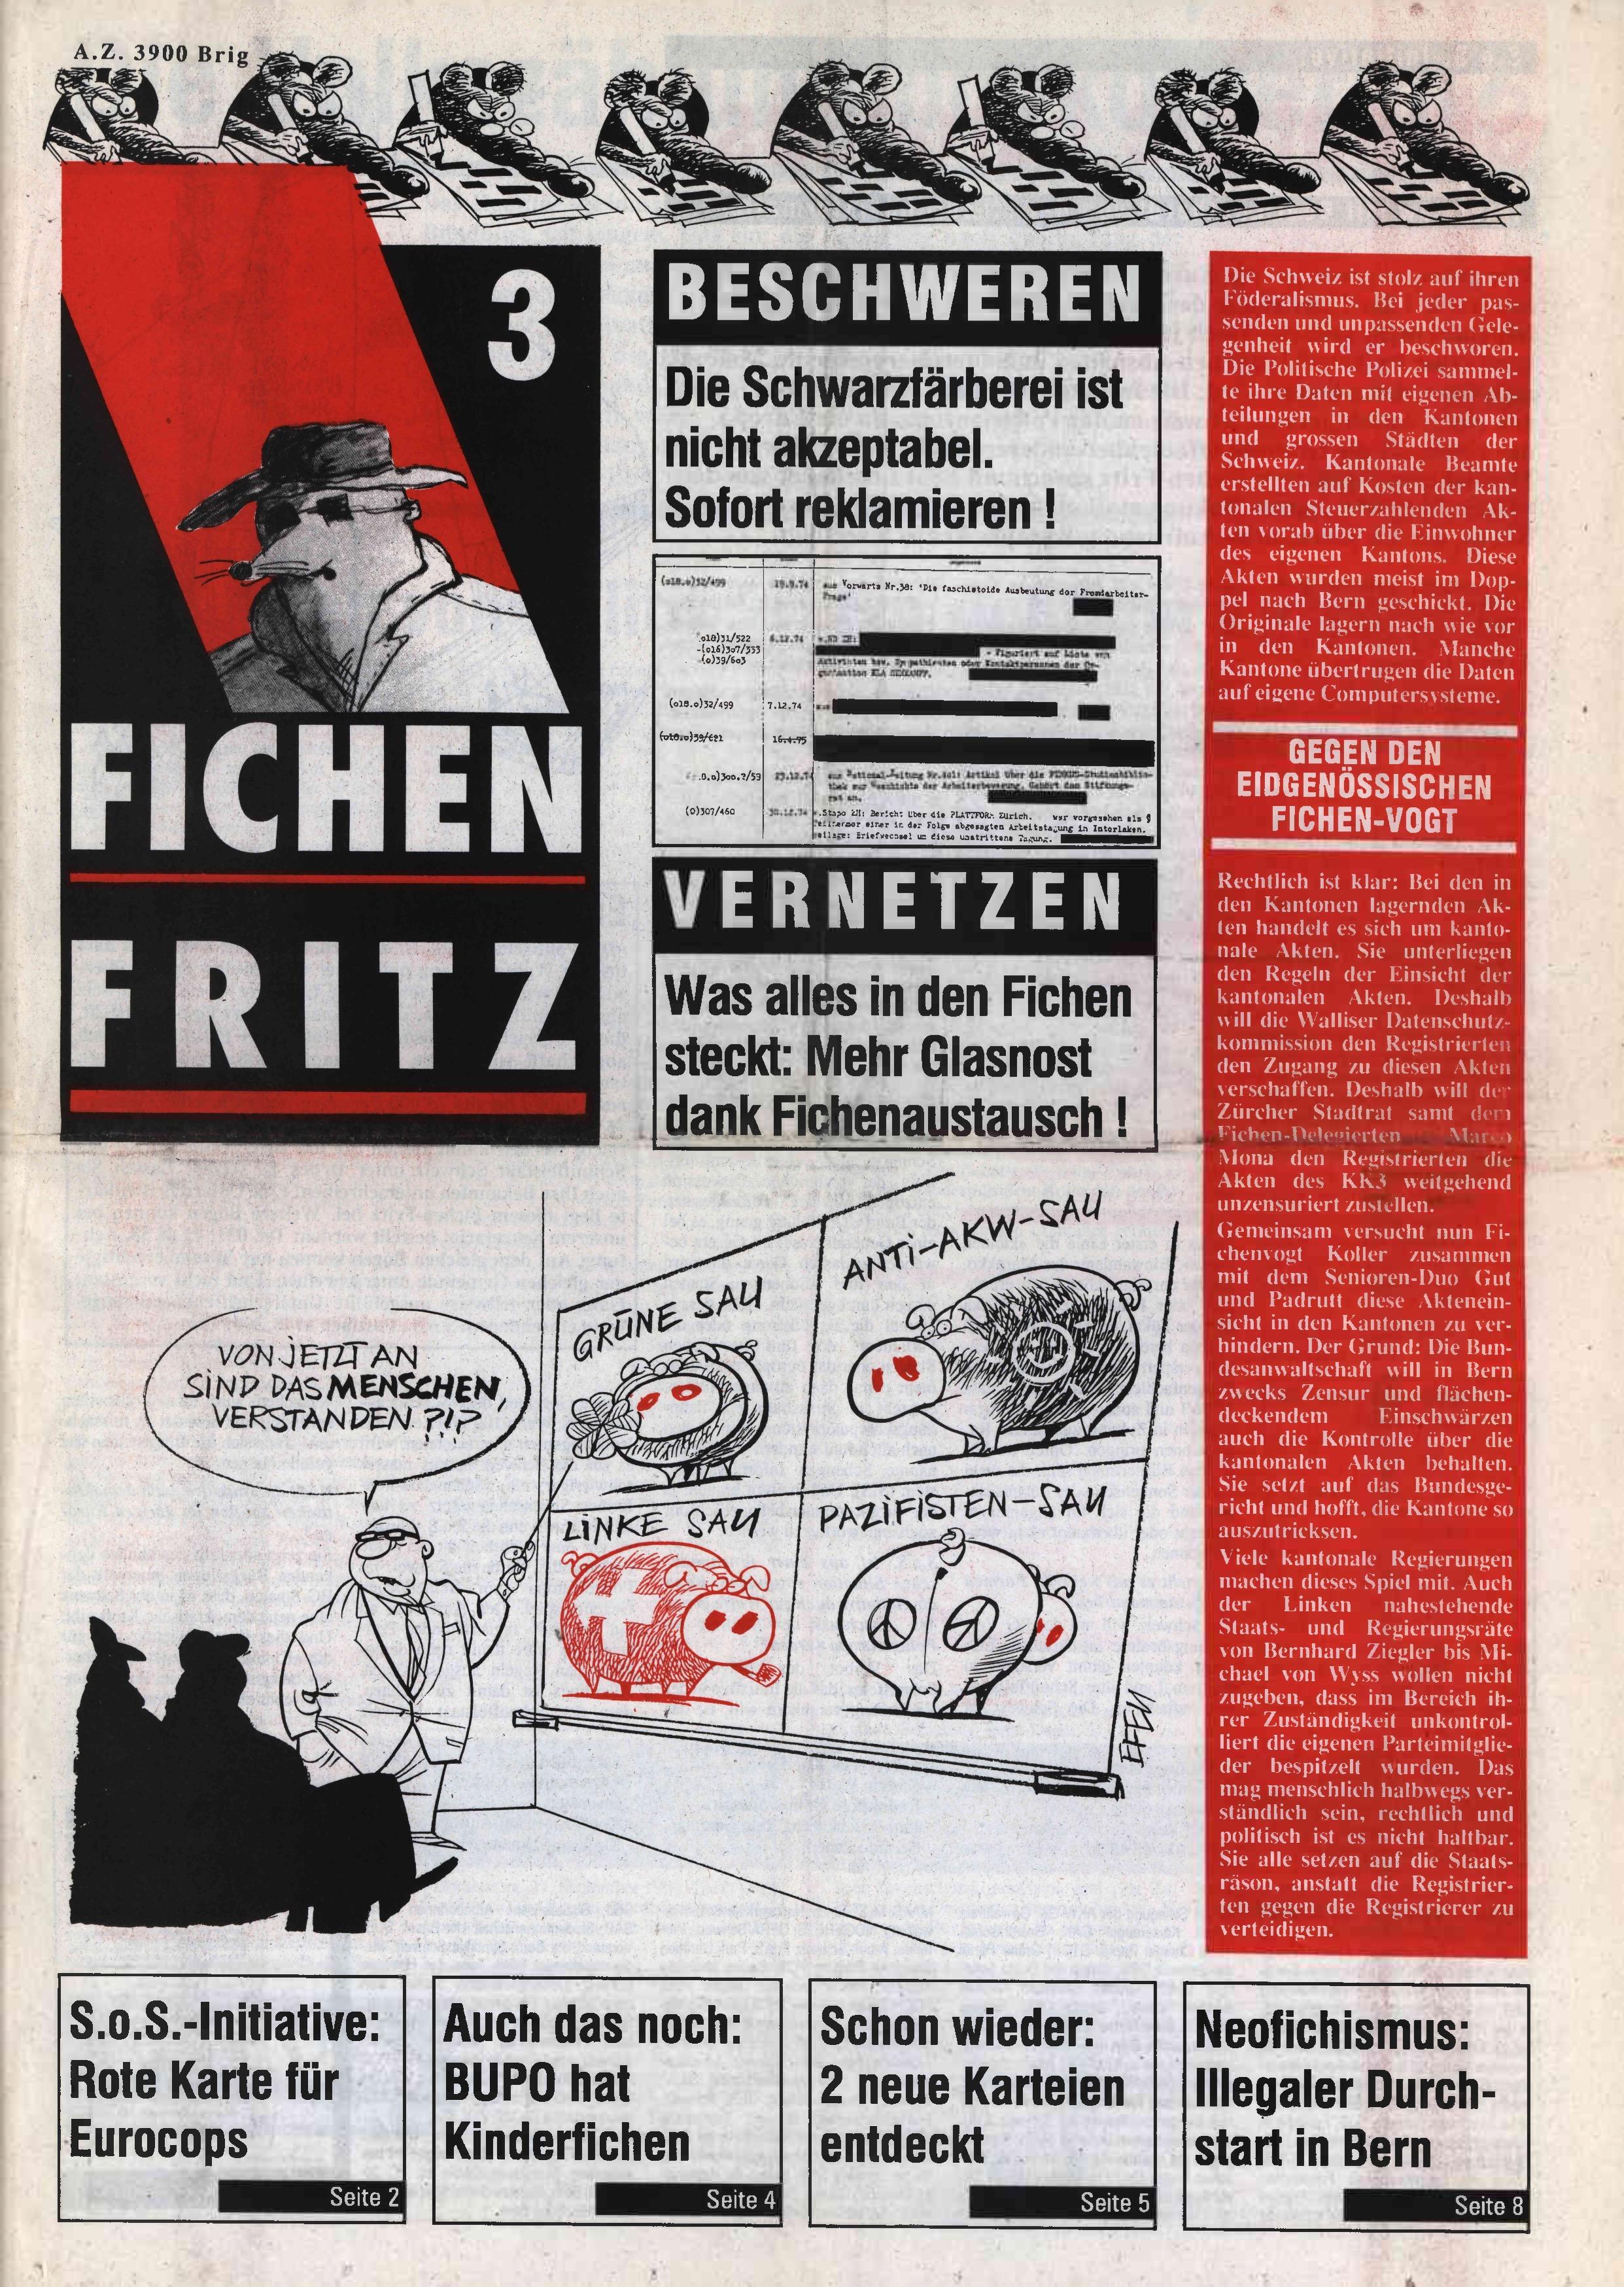 FICHEN FRITZ NR. 3 - SEITE 1